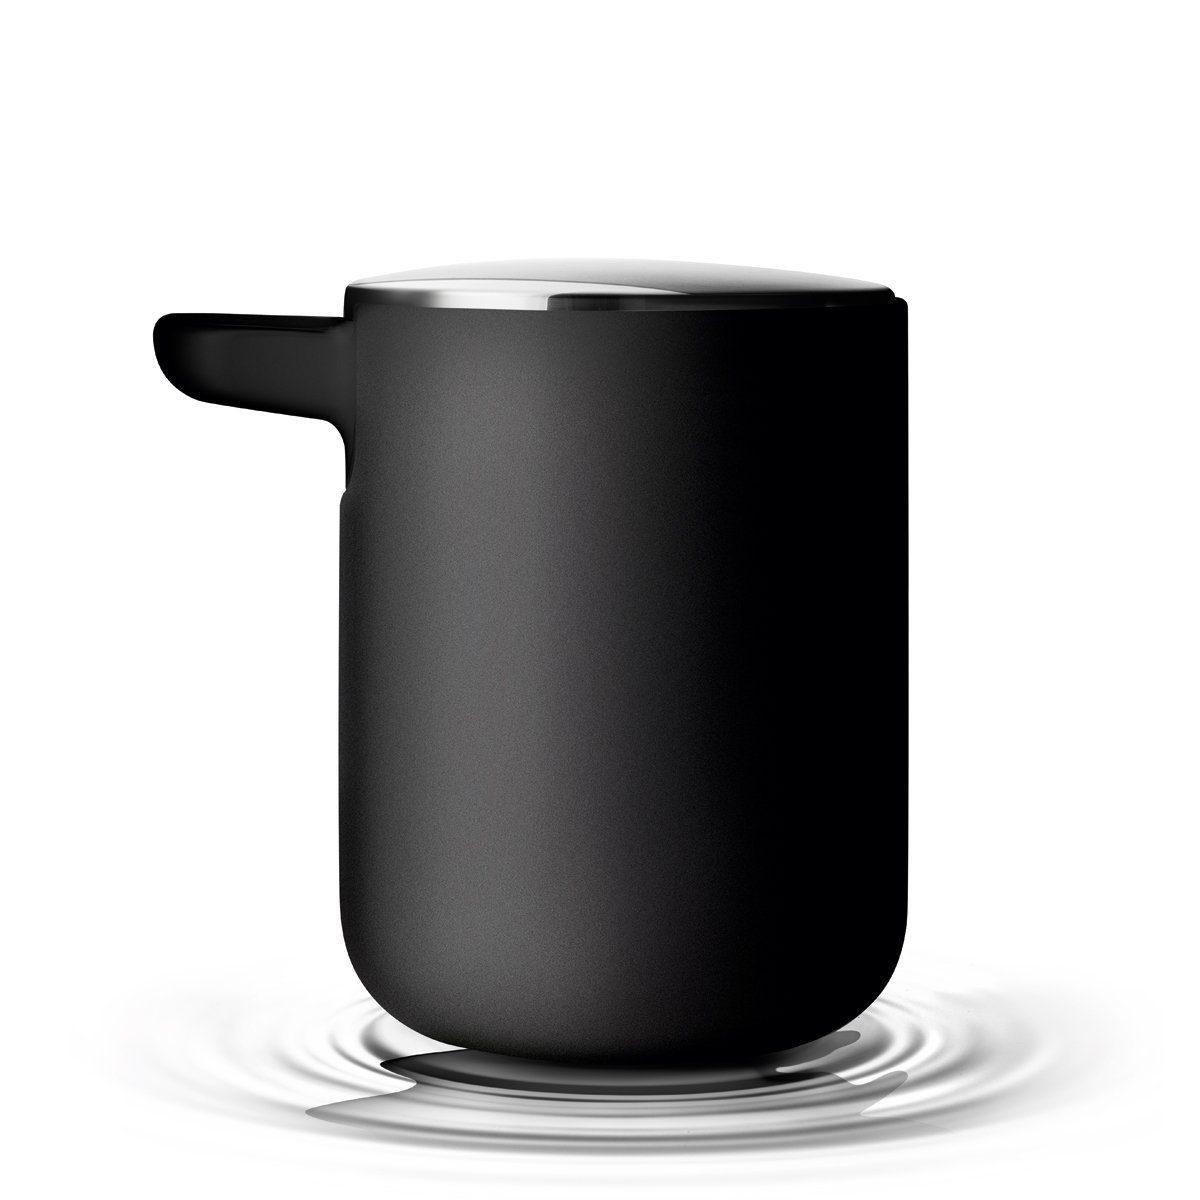 MENU Menu Seife Pumpe, schwarz